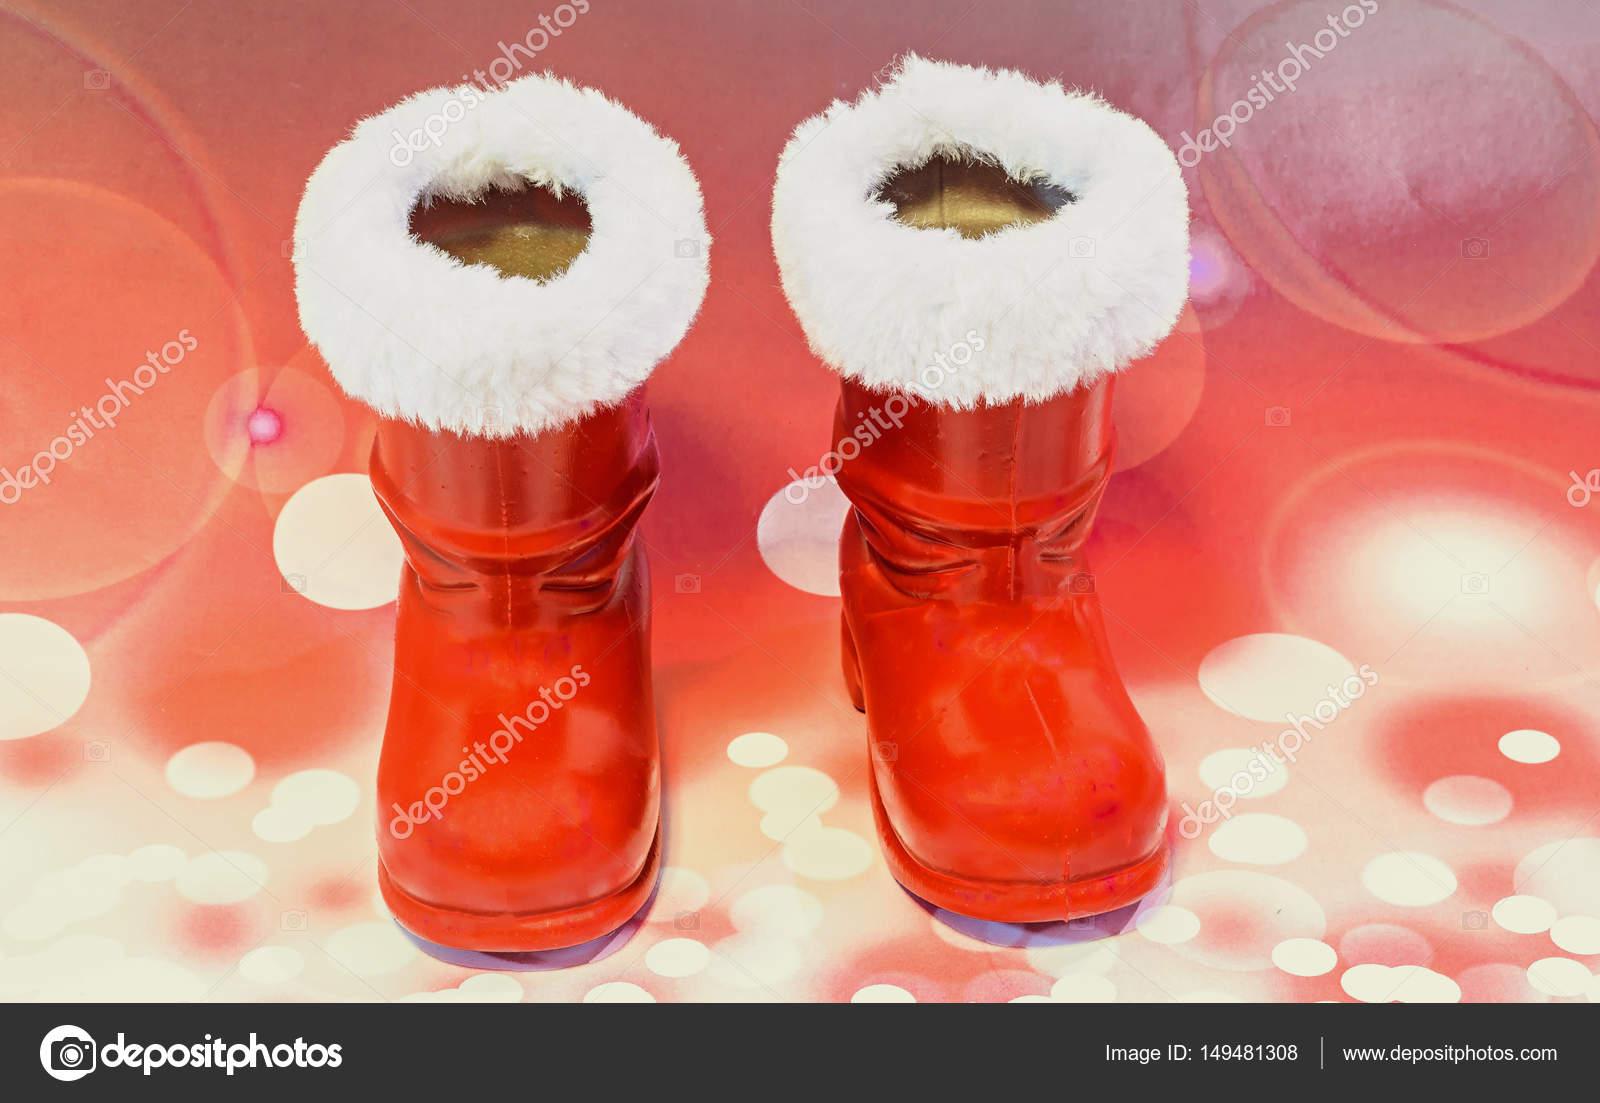 Red Santa Claus Stiefel Schuhe Sankt Nikolaus Stiefel Geschenke